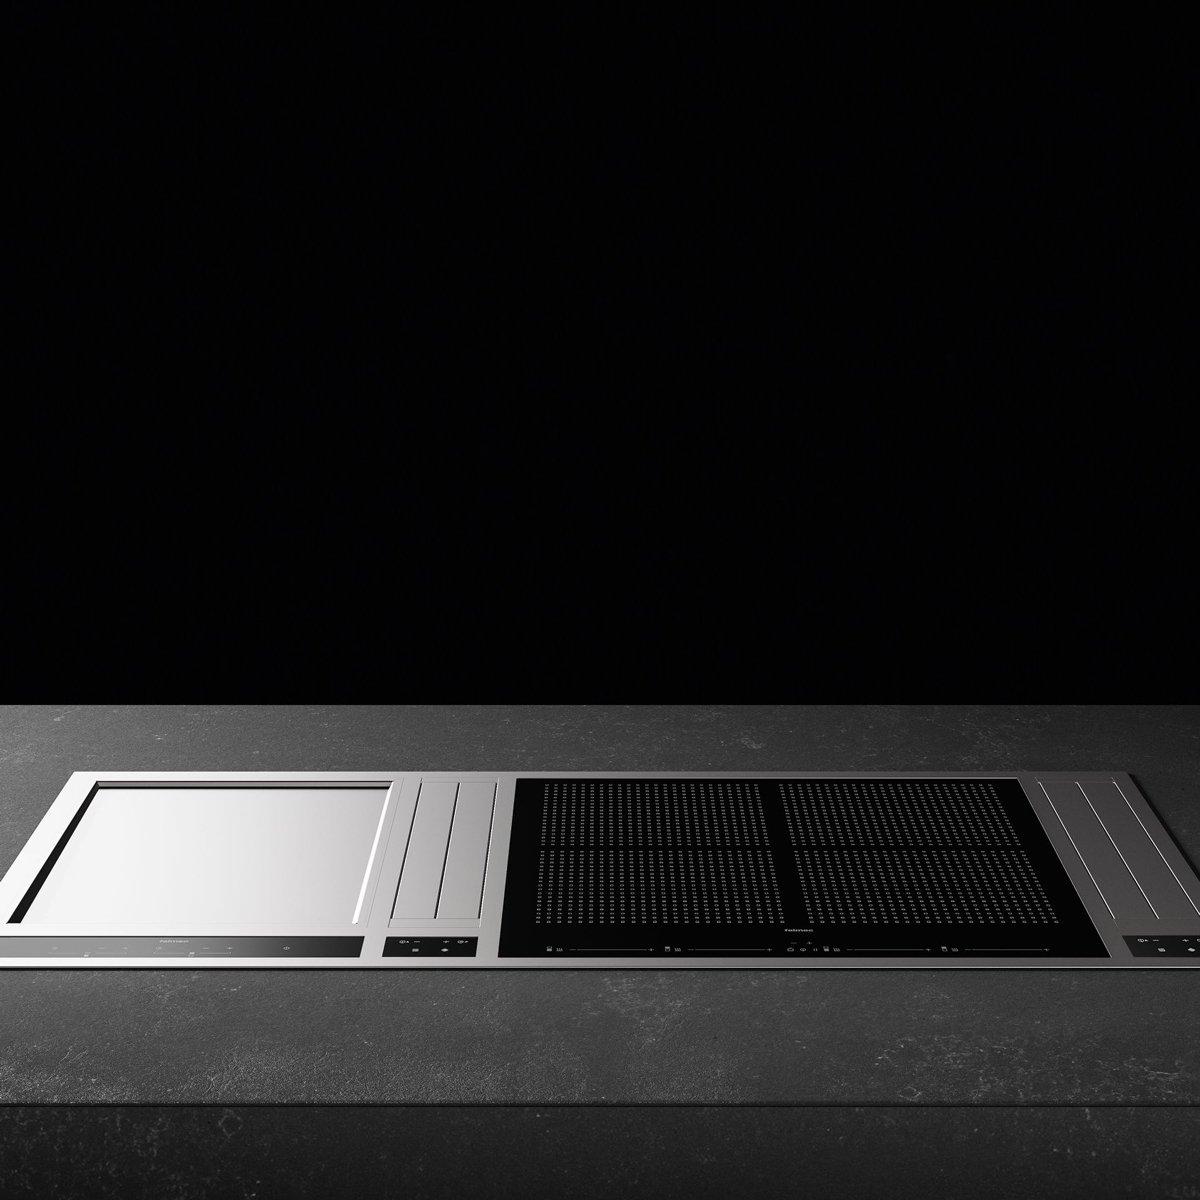 Modular, compacta, versátil y elegante. Así es la nueva propuesta #Modula de la prestigiosa firma italiana @falmec, distribuida por #ZelariDeNuzzi. #CookingSystems #KitchenHoods #CocinasdelujoMadrid  ow.ly/N8wE30m4jS1